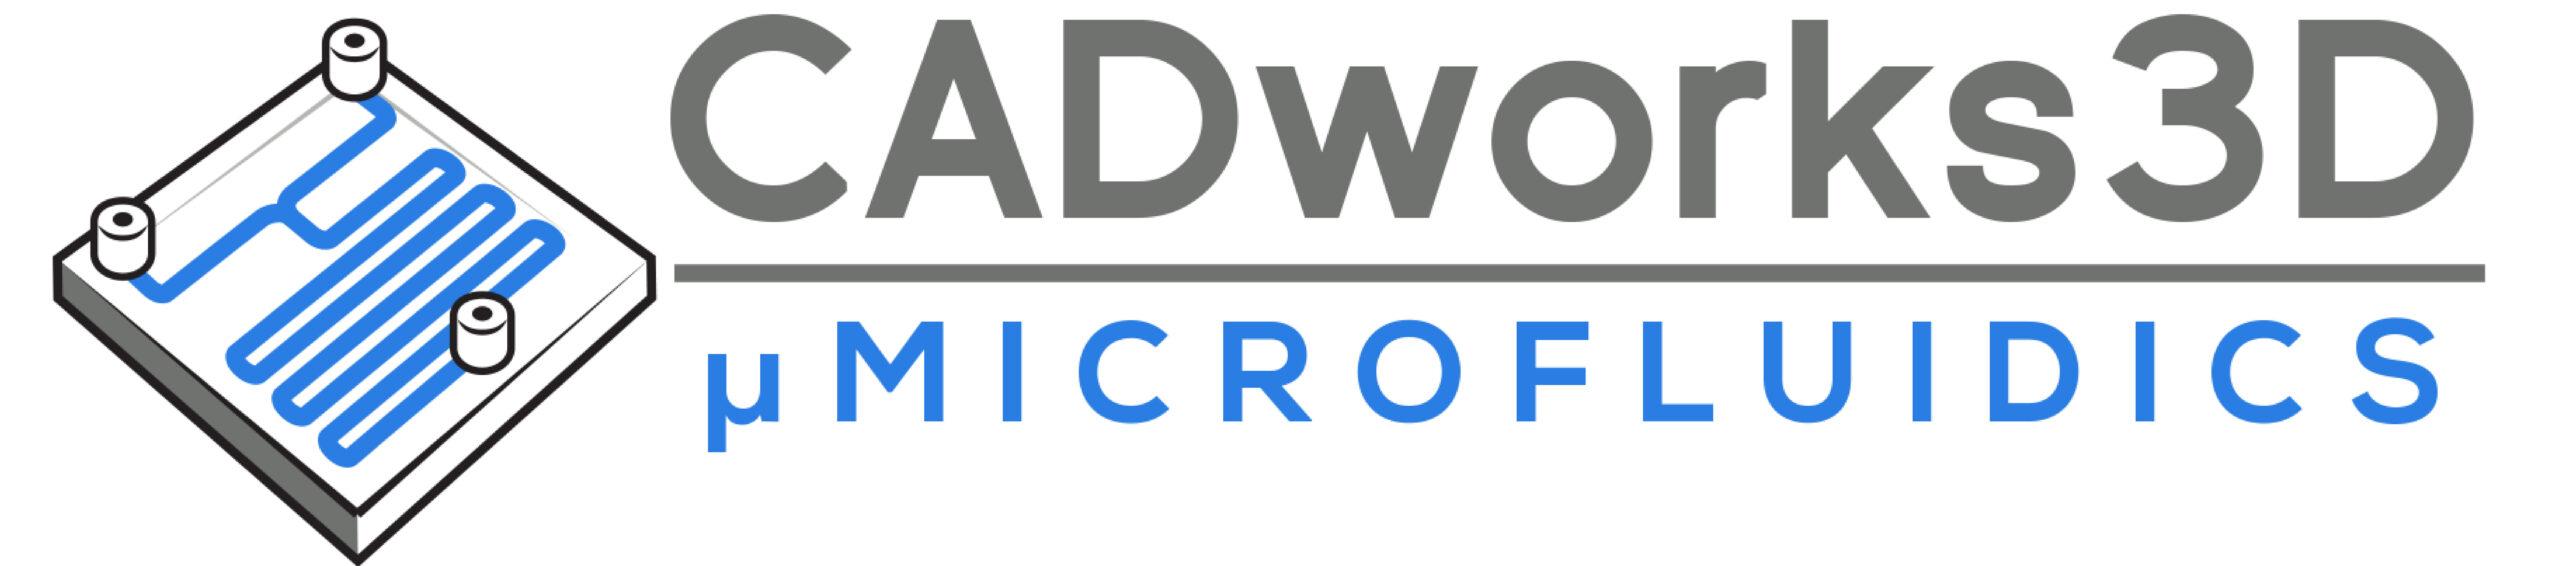 CADworks3D